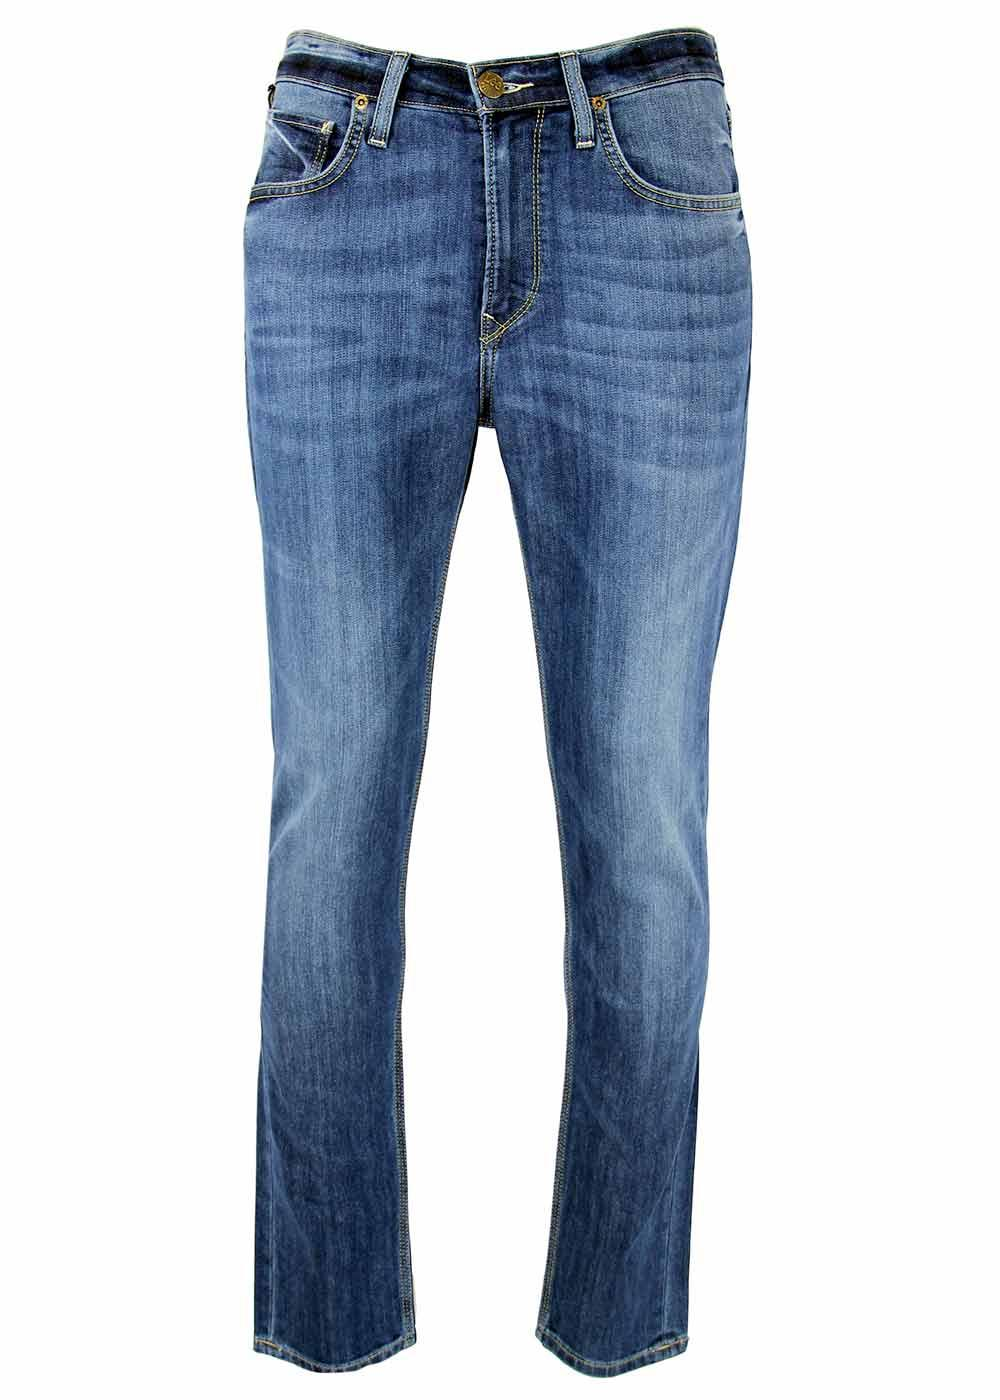 Arvin LEE Retro Mod Regular Tapered Denim Jeans BL